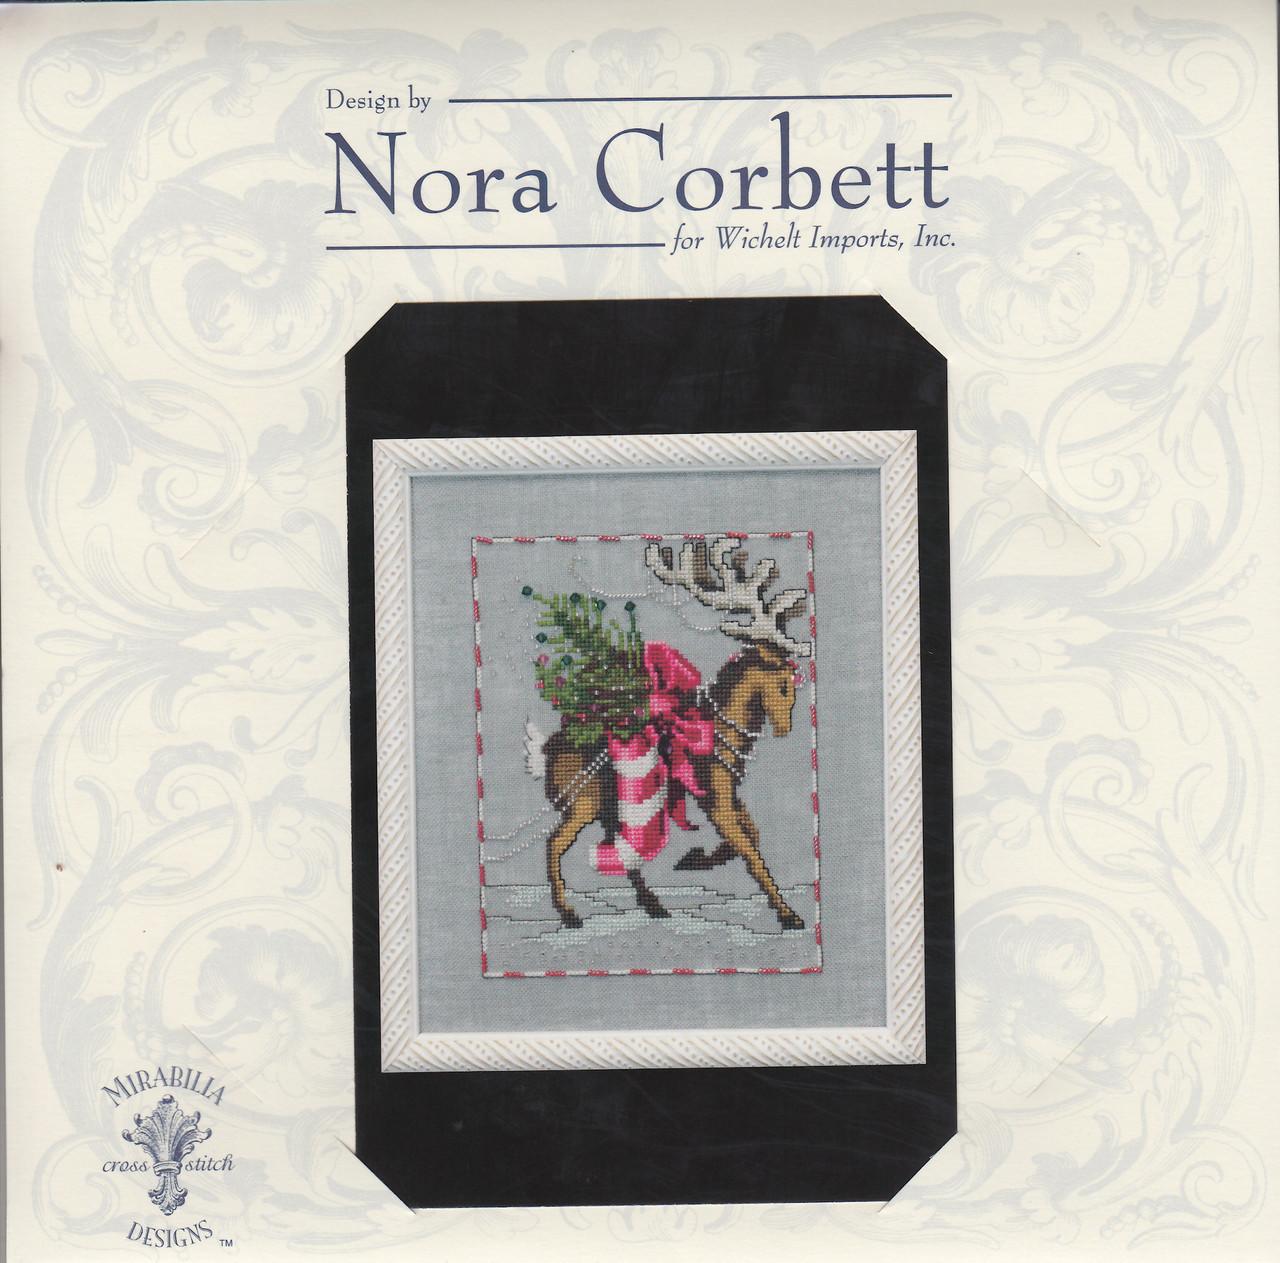 Nora Corbett - Prancer